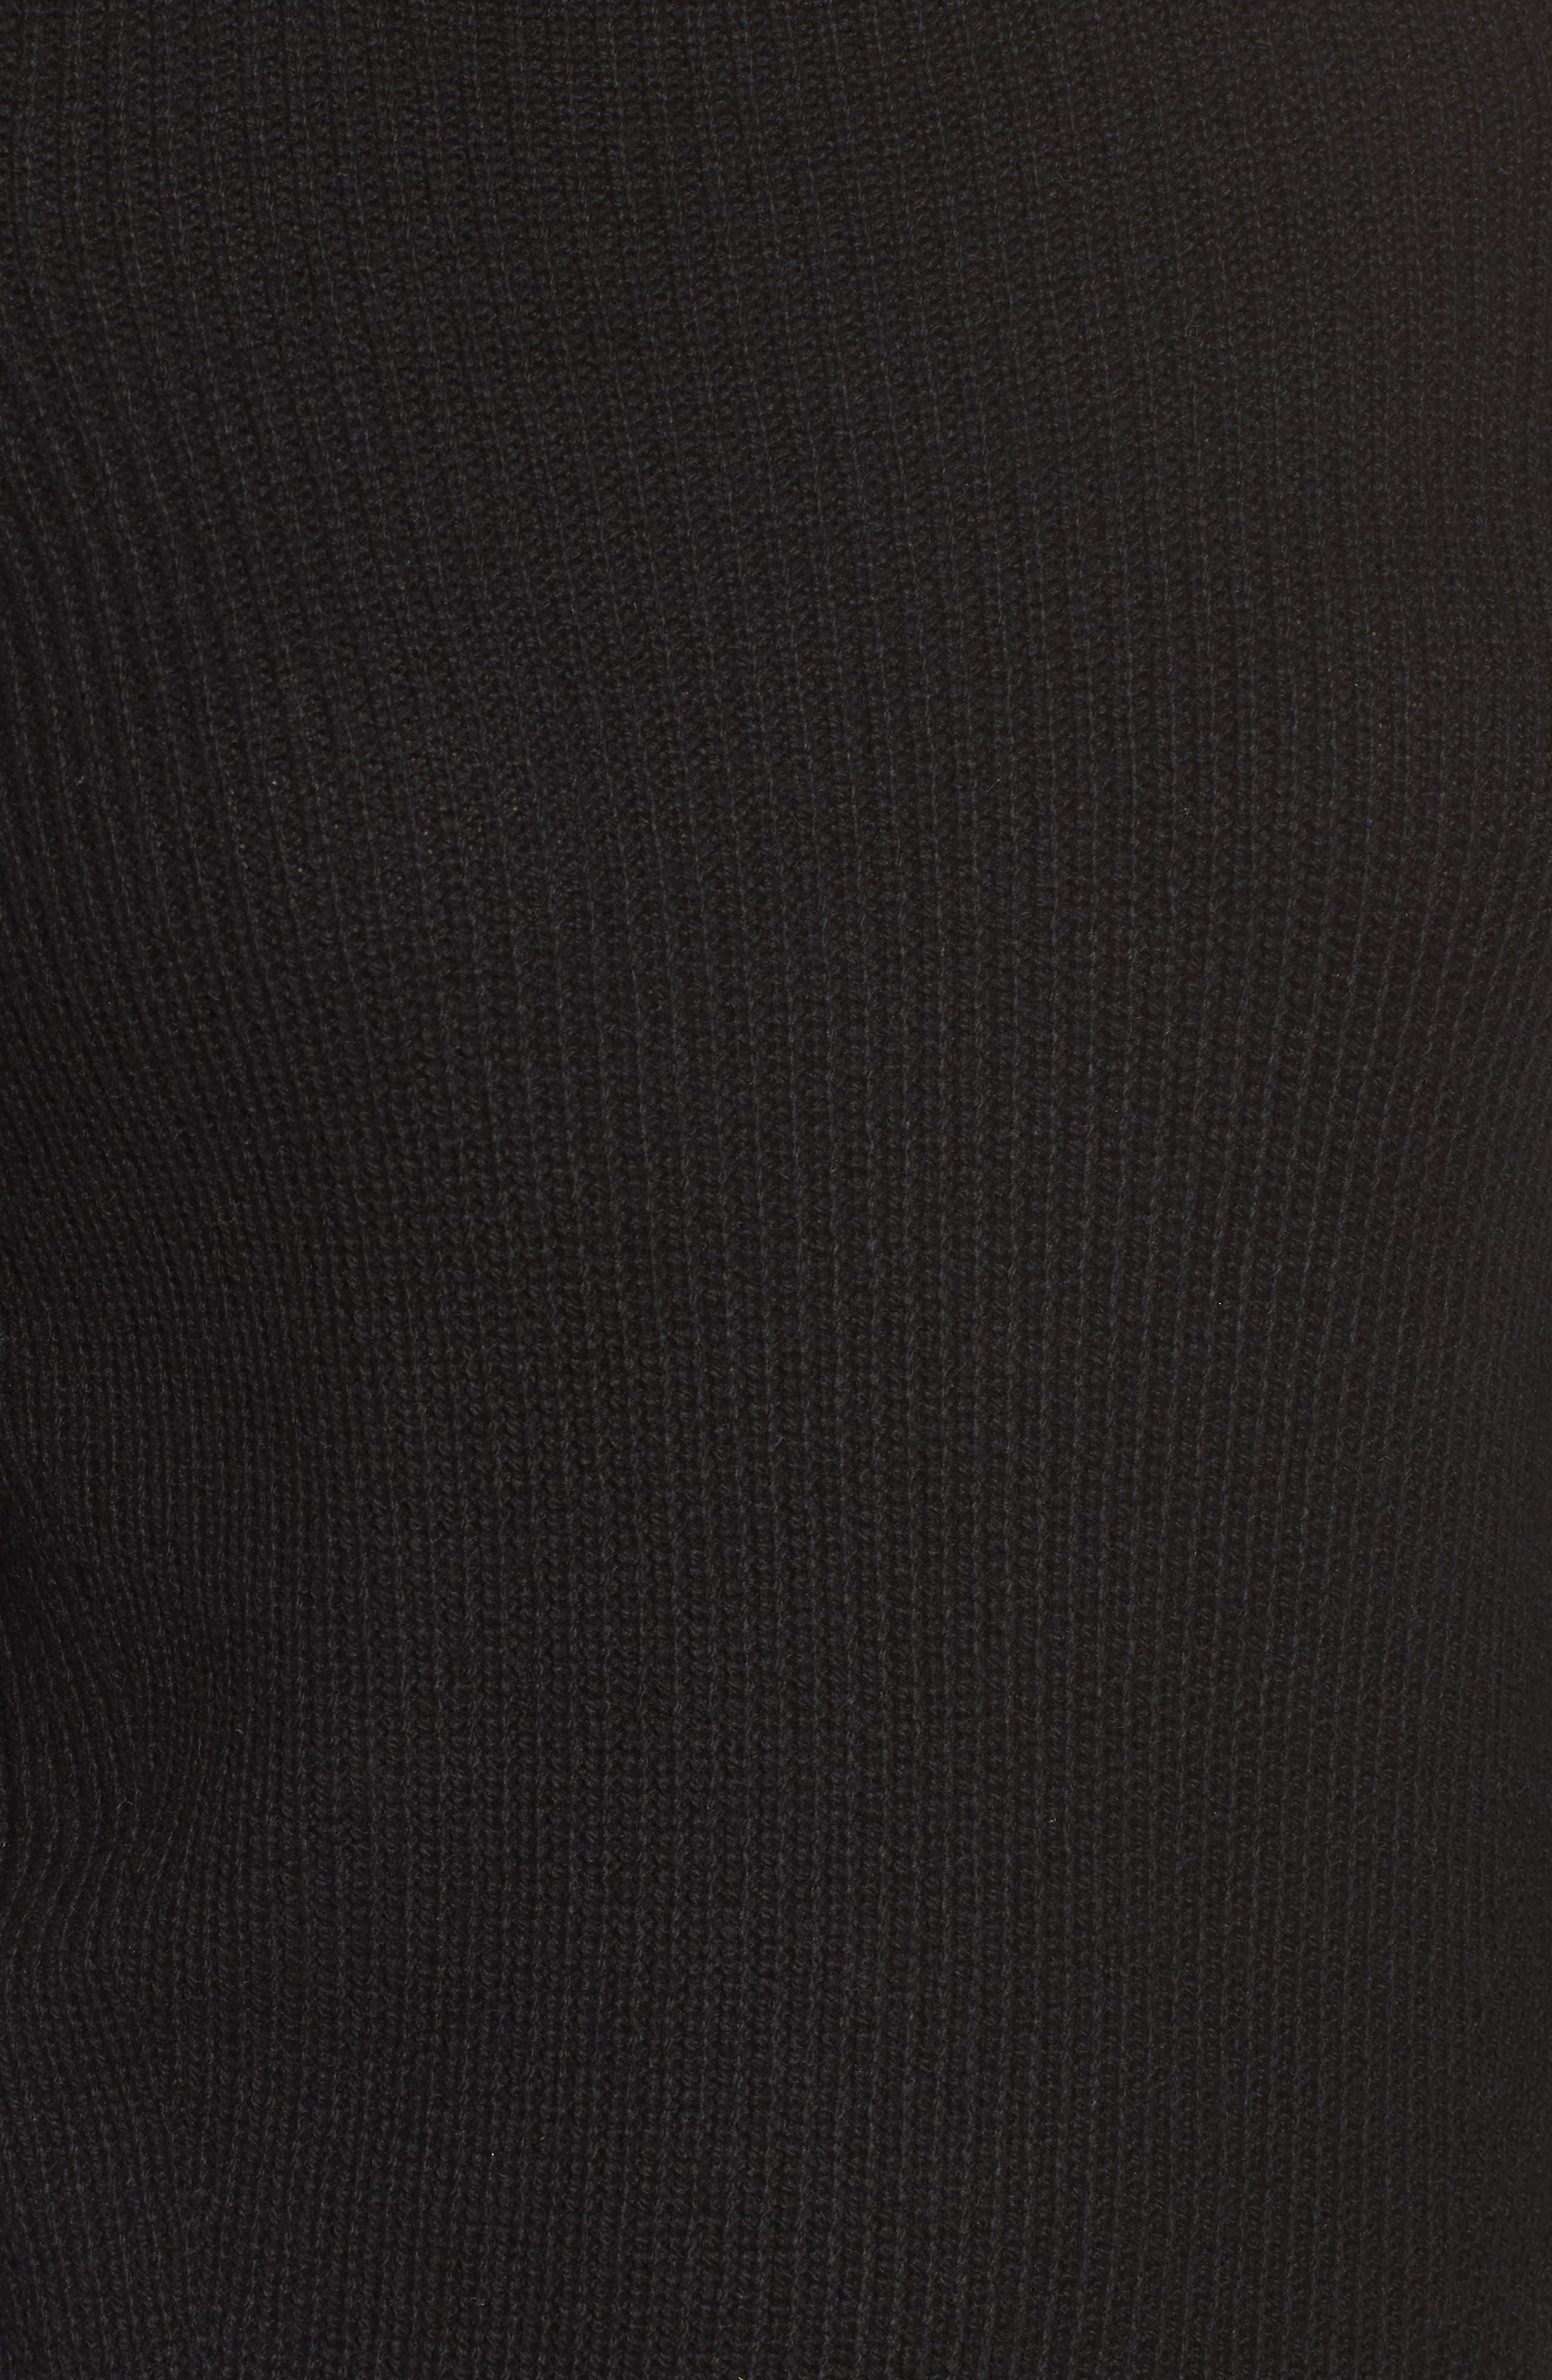 Cold Shoulder Pullover,                             Alternate thumbnail 5, color,                             001